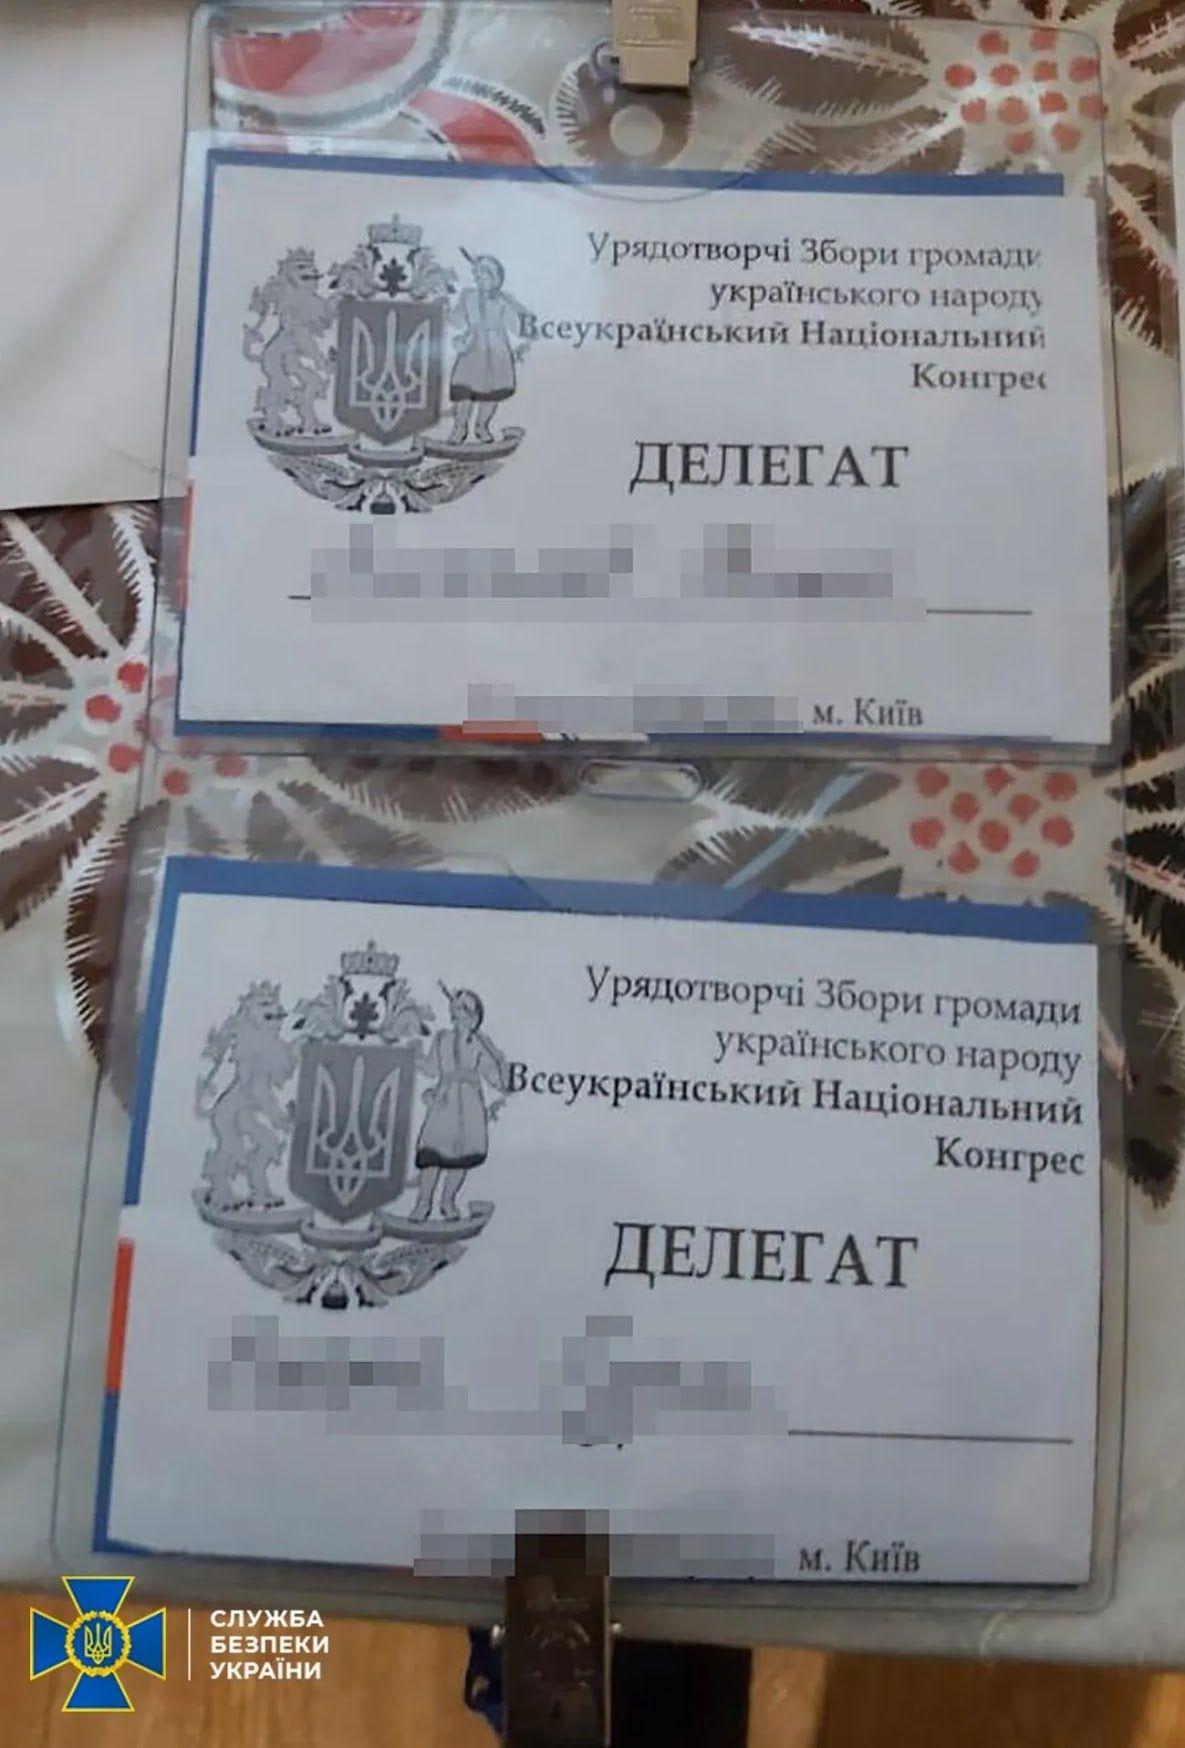 """Участники """"горсовета"""" пропагандировали на публичных мероприятиях непризнание действующей украинской власти"""